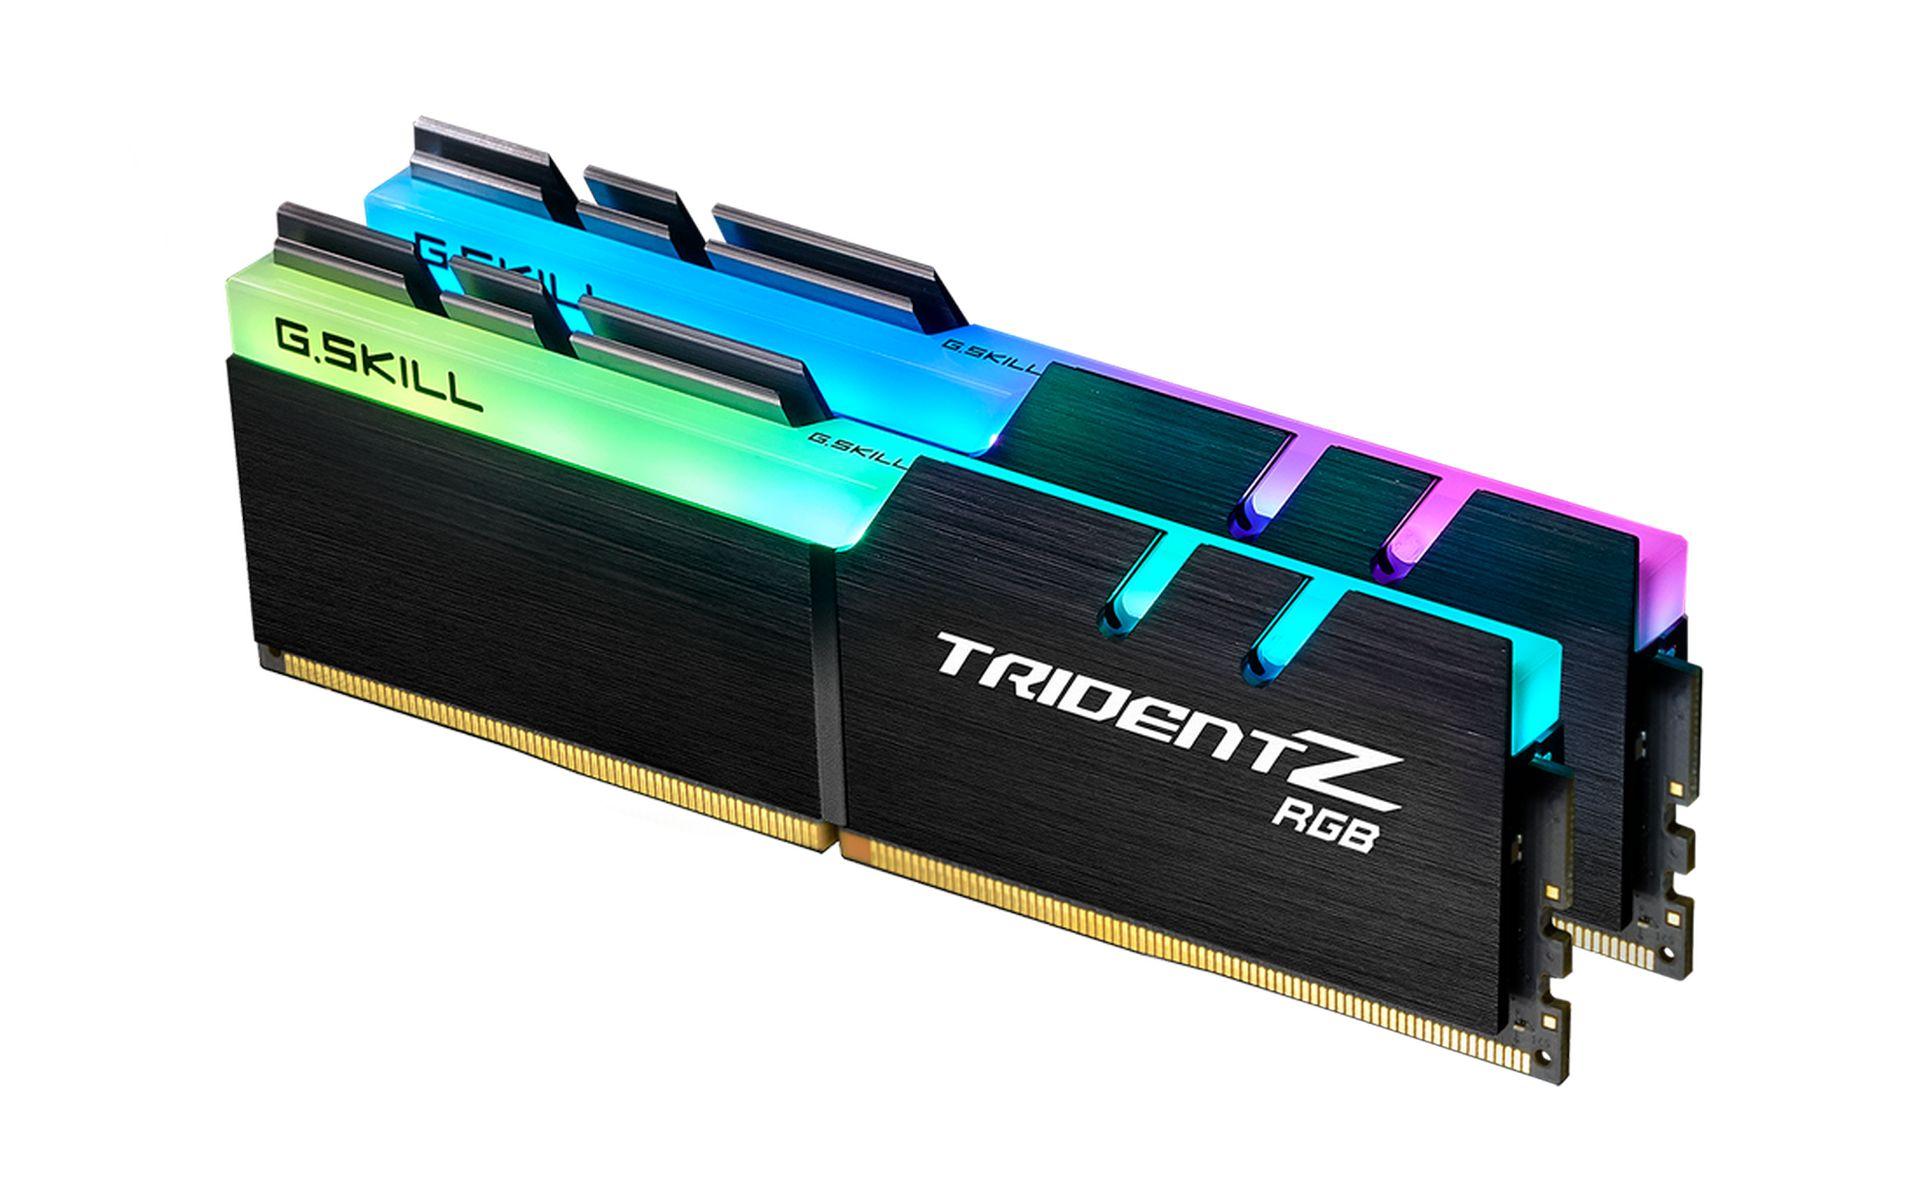 bộ nhớ G.Skill Trident Z RGB 16GB (2x8GB) Bus 3600MHz CL19 DDR4 (F4-3600C19D-16GTZRB)